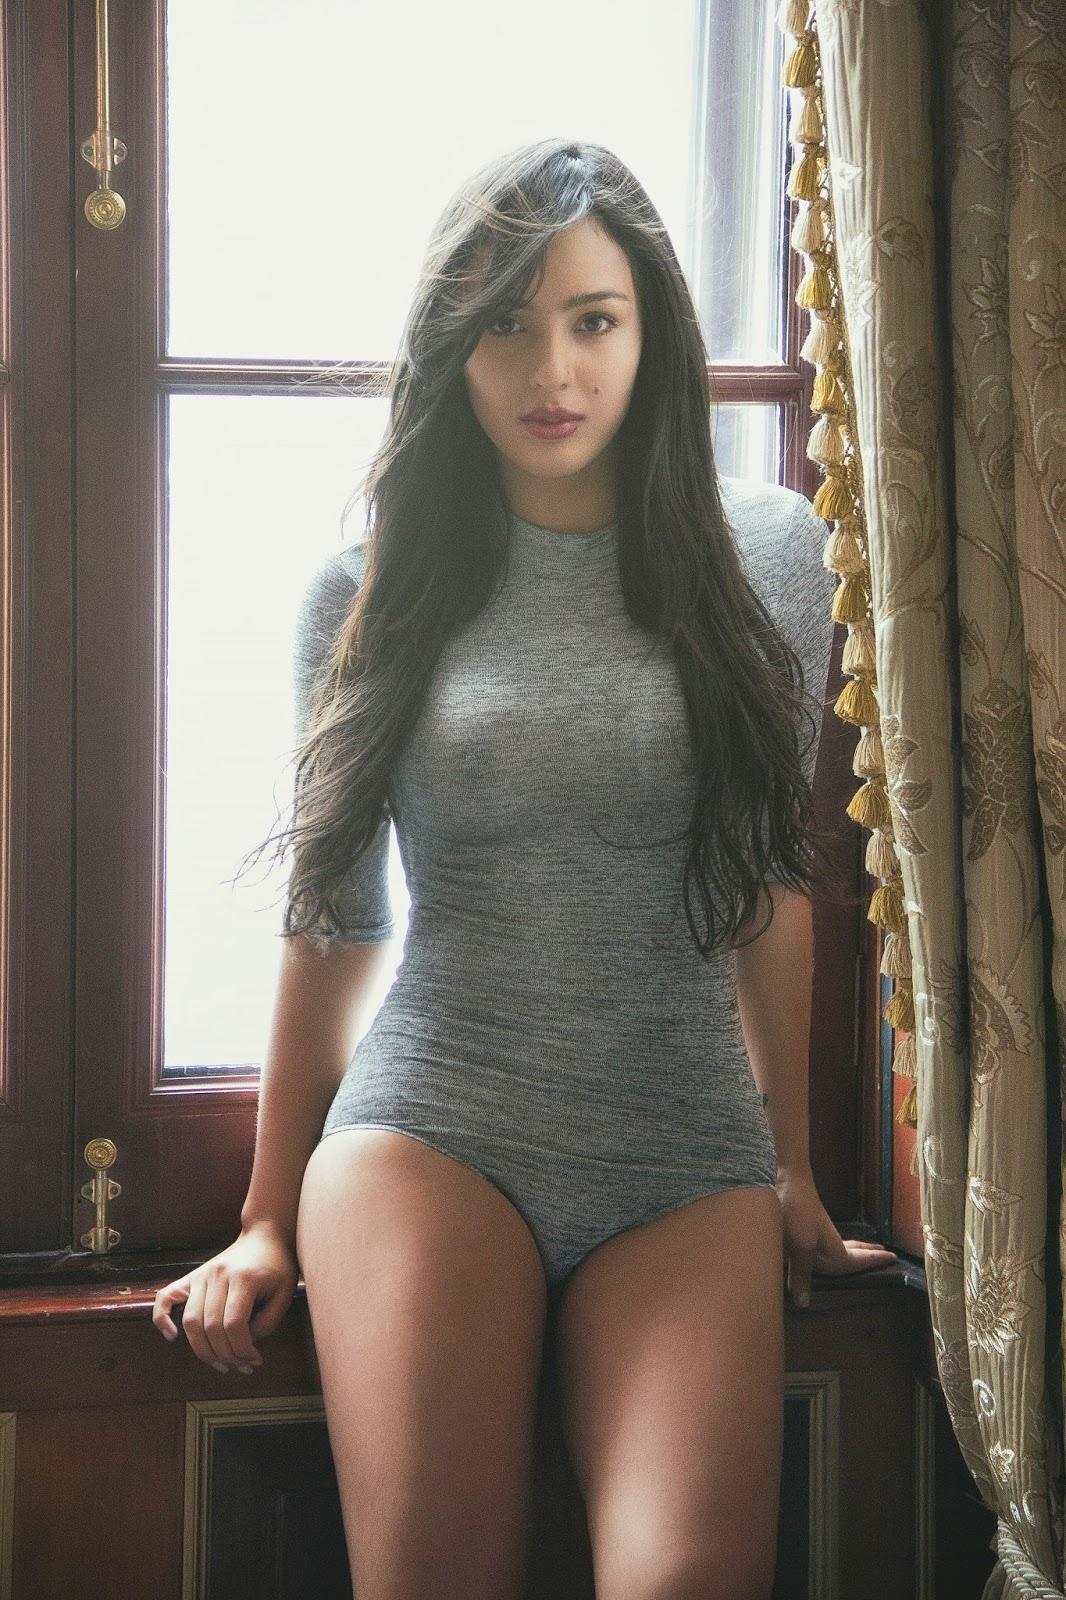 Las nenas mas putas imagenes putas colombianas